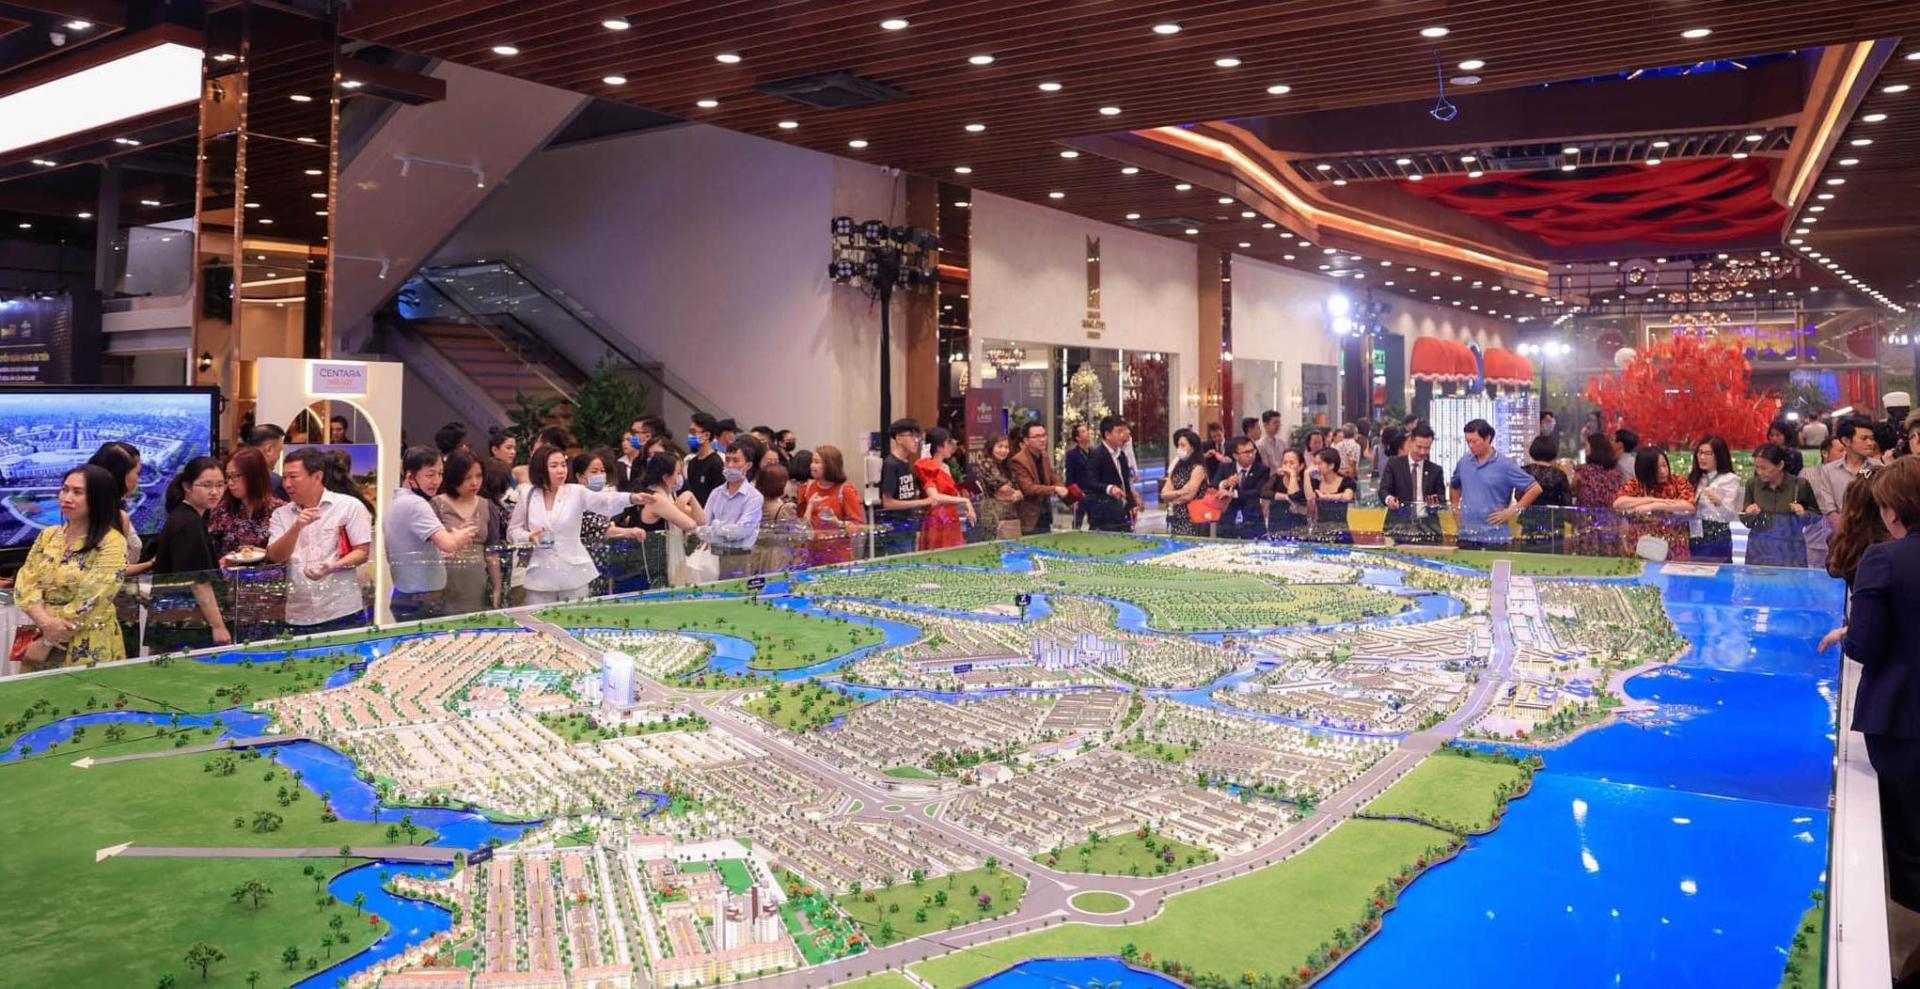 """HoREA đề nghị Thành phố Hồ Chí Minh hỗ trợ doanh nghiệp bất động sản trong và sau đại dịch """"Không bằng tiền mà bằng cơ chế"""""""